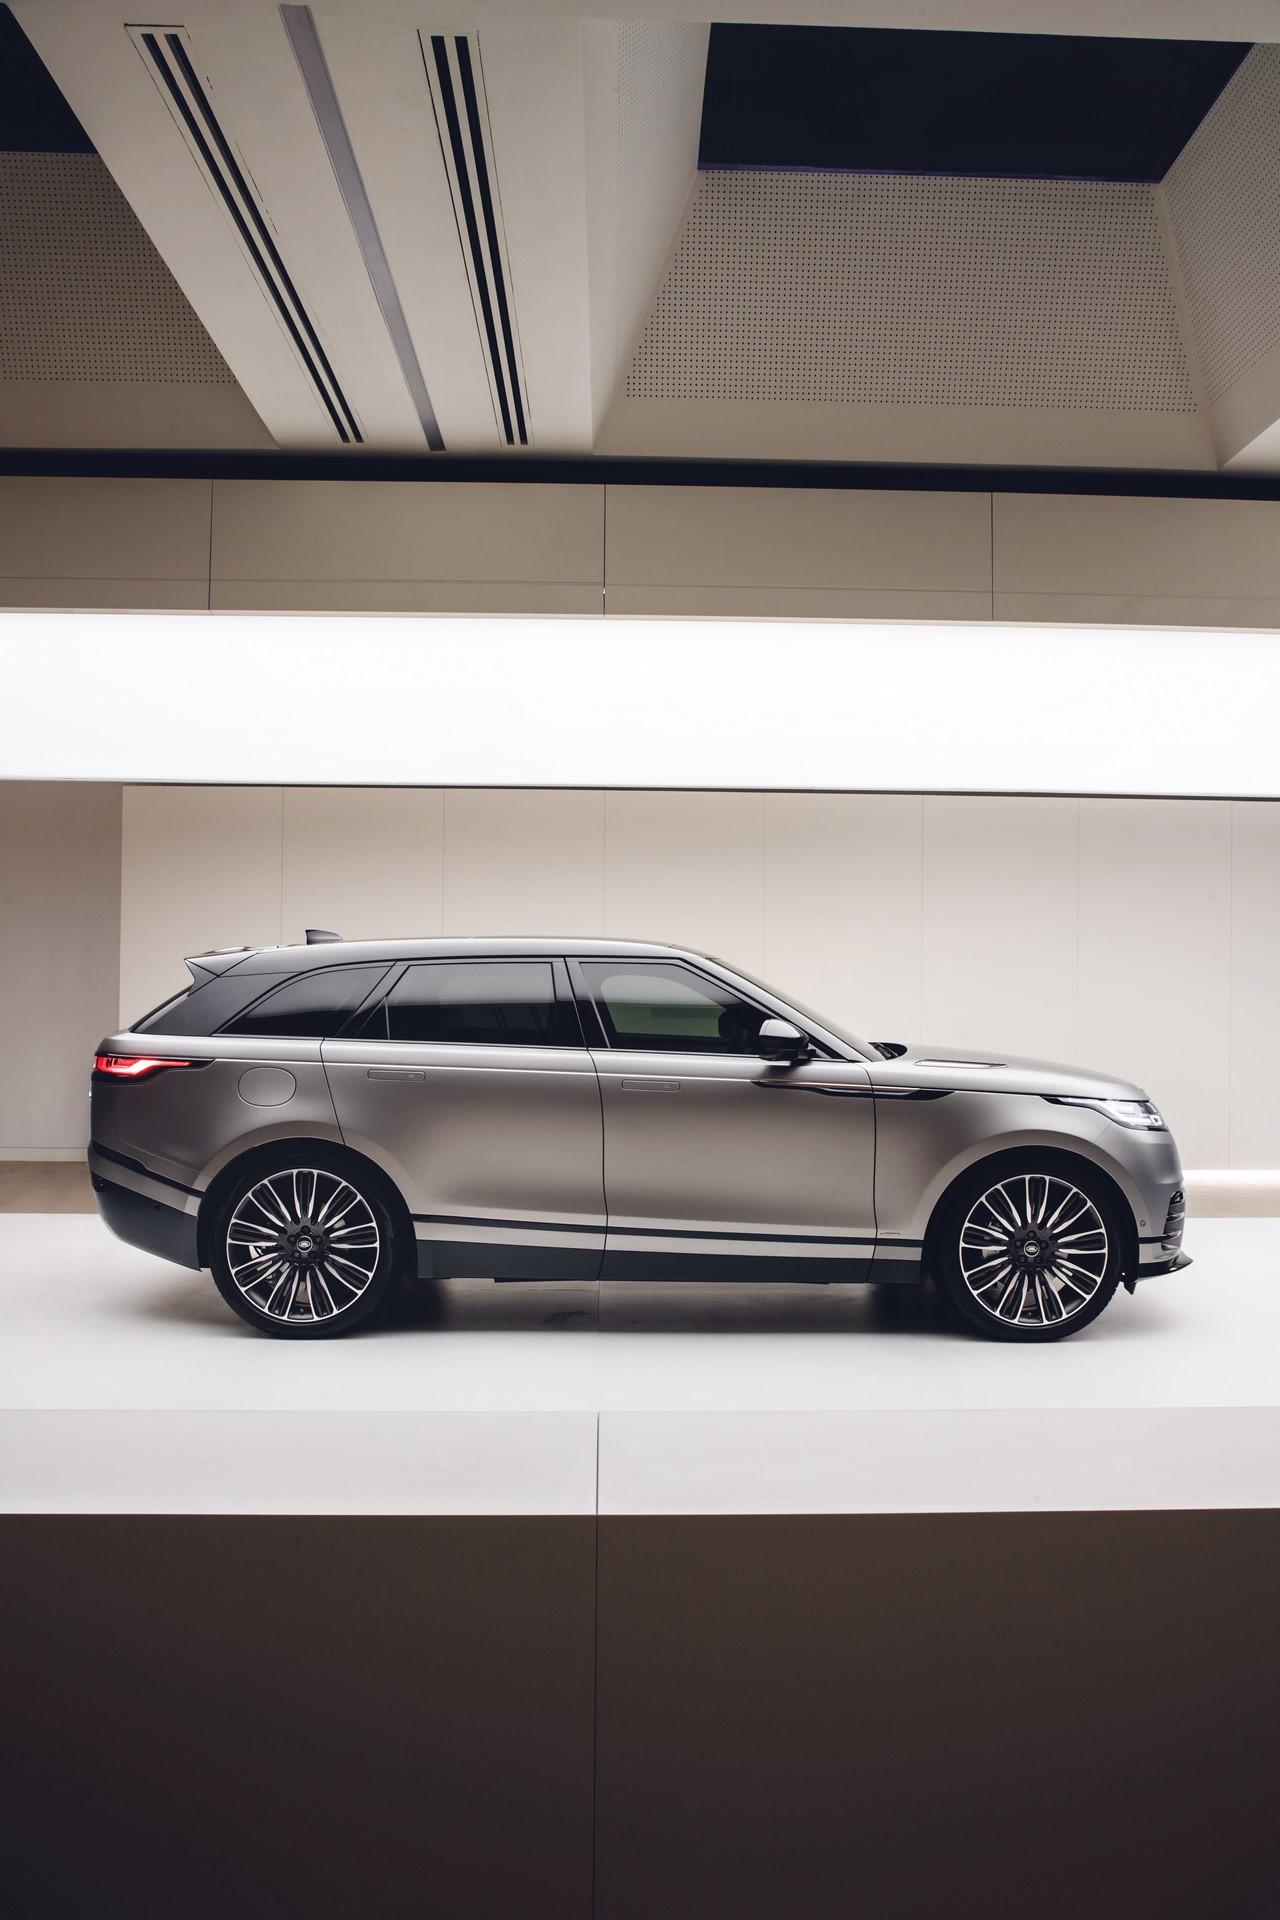 Range Rover Velar 2017 (108)